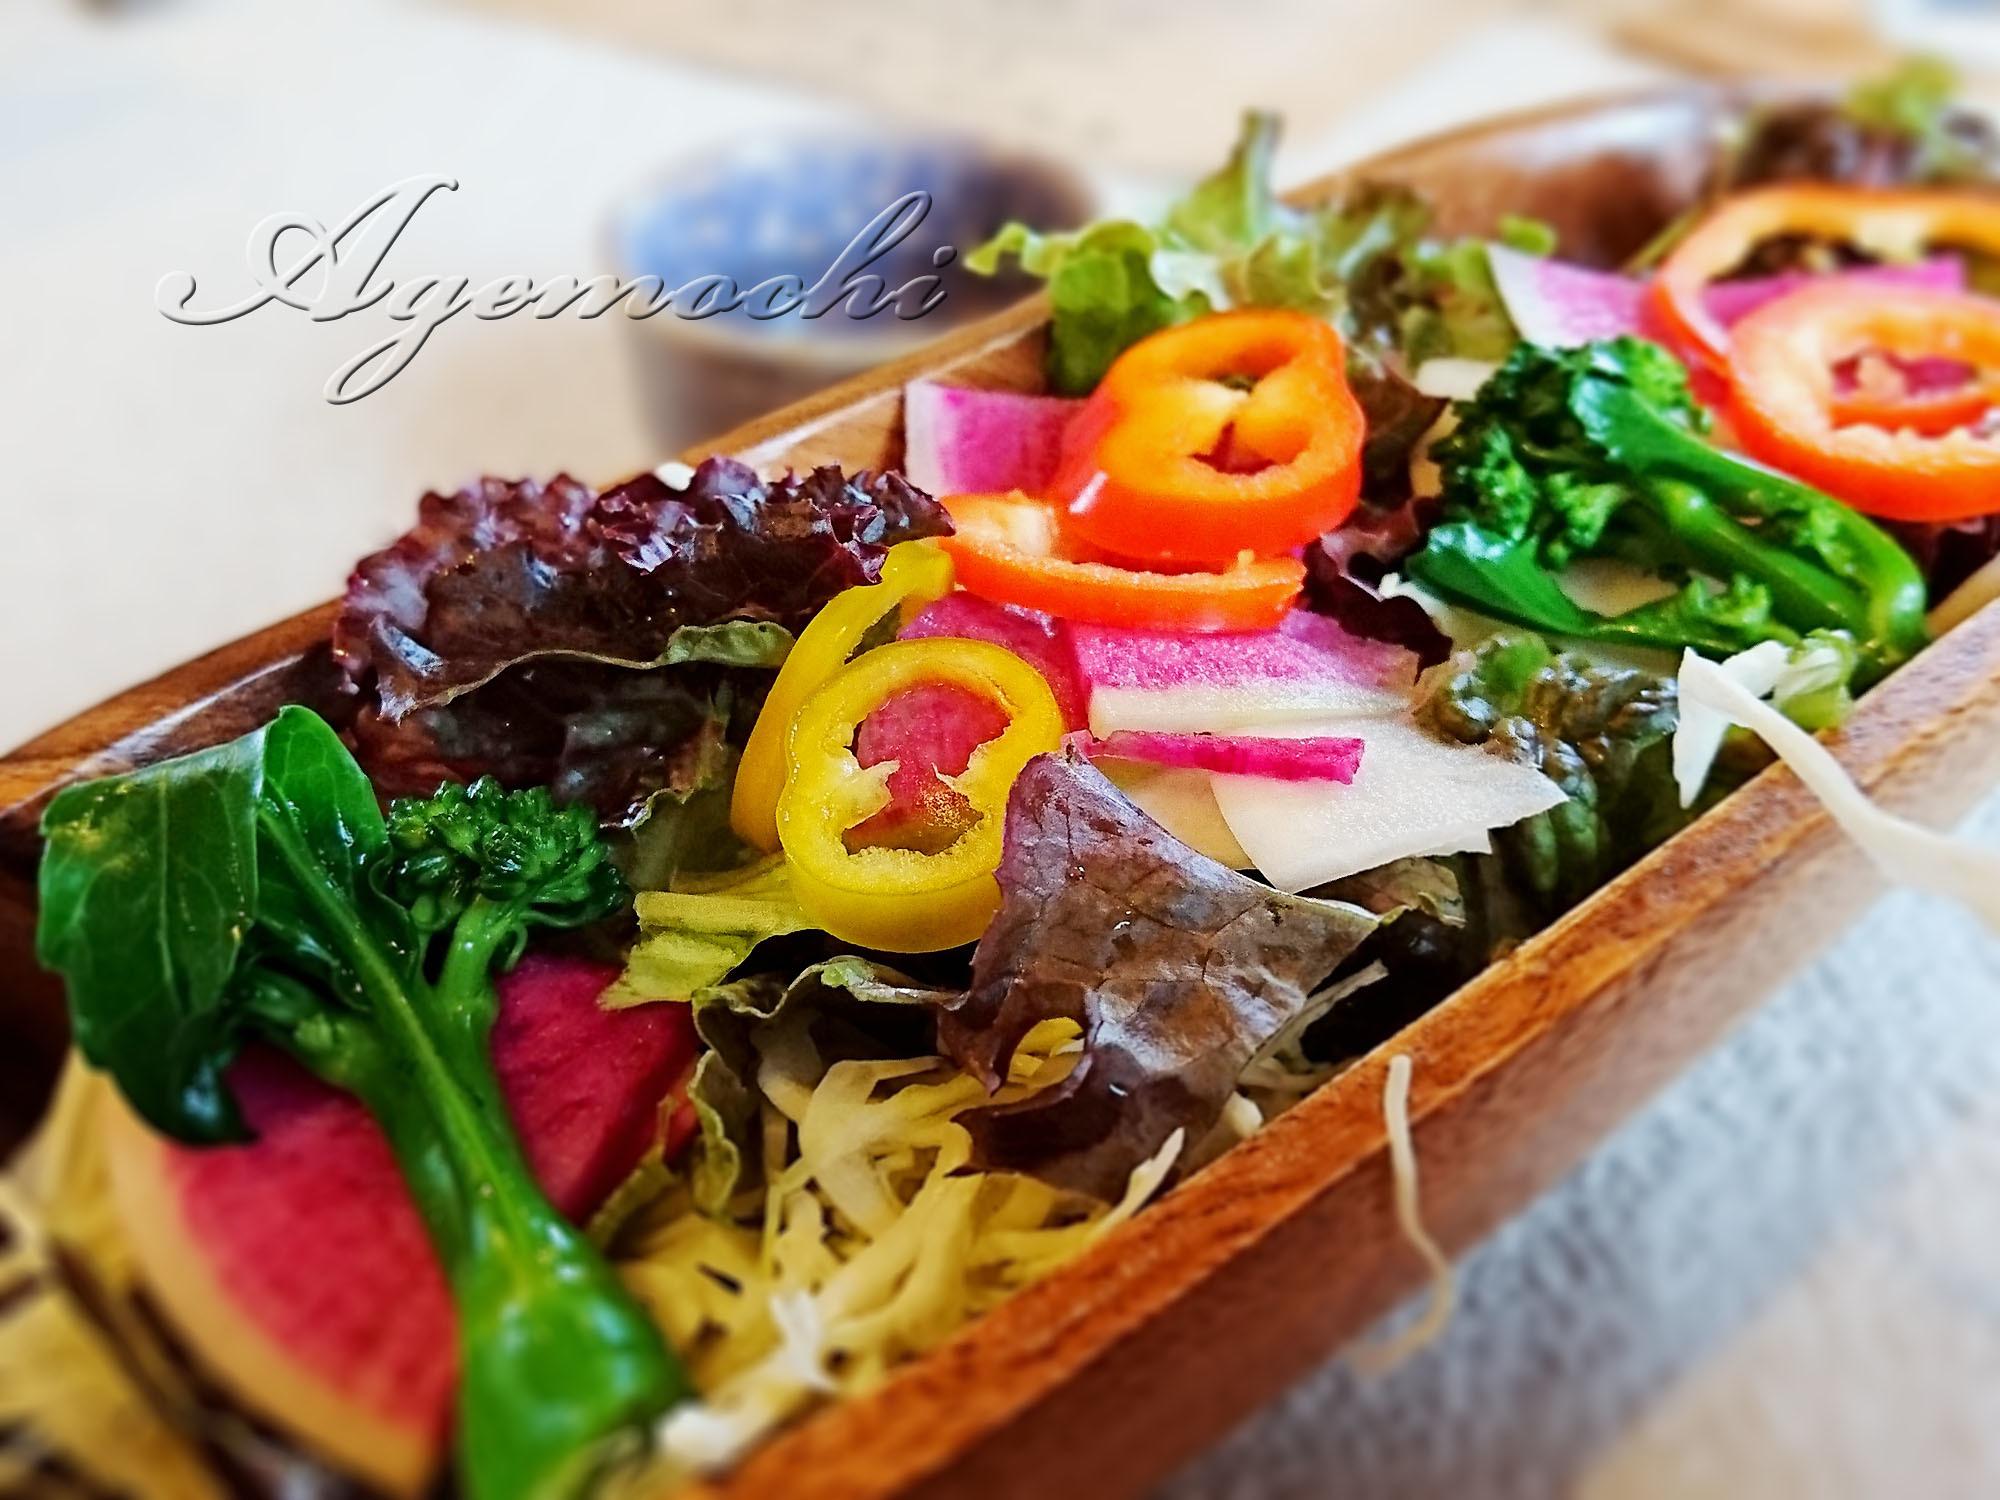 sachicafe3_salad.jpg